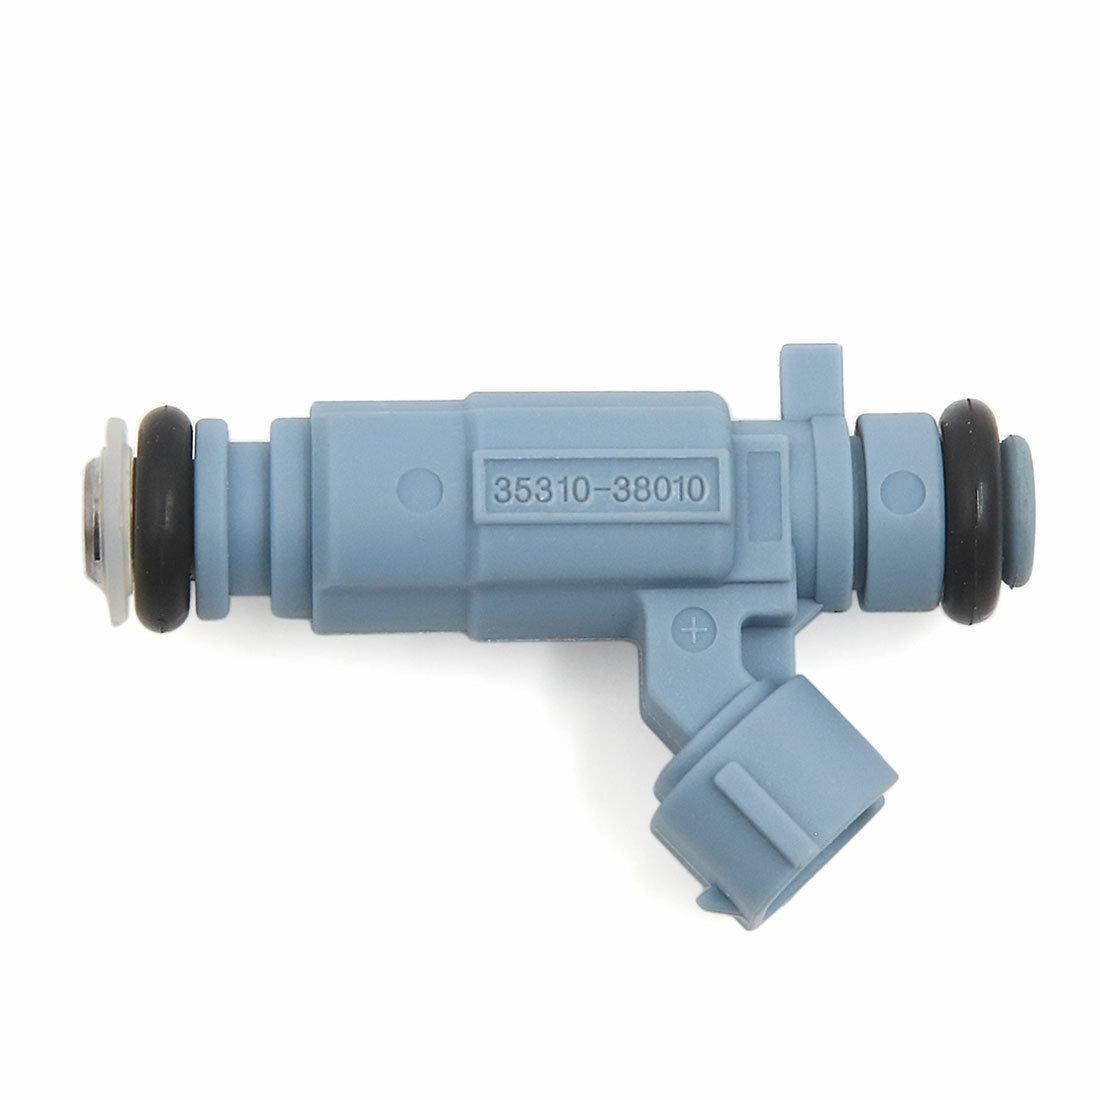 OEM Fuel Injectors for 2001-2006 Hyundai Santa Fe 2.4L 2.4 2002 2003 2004 2005